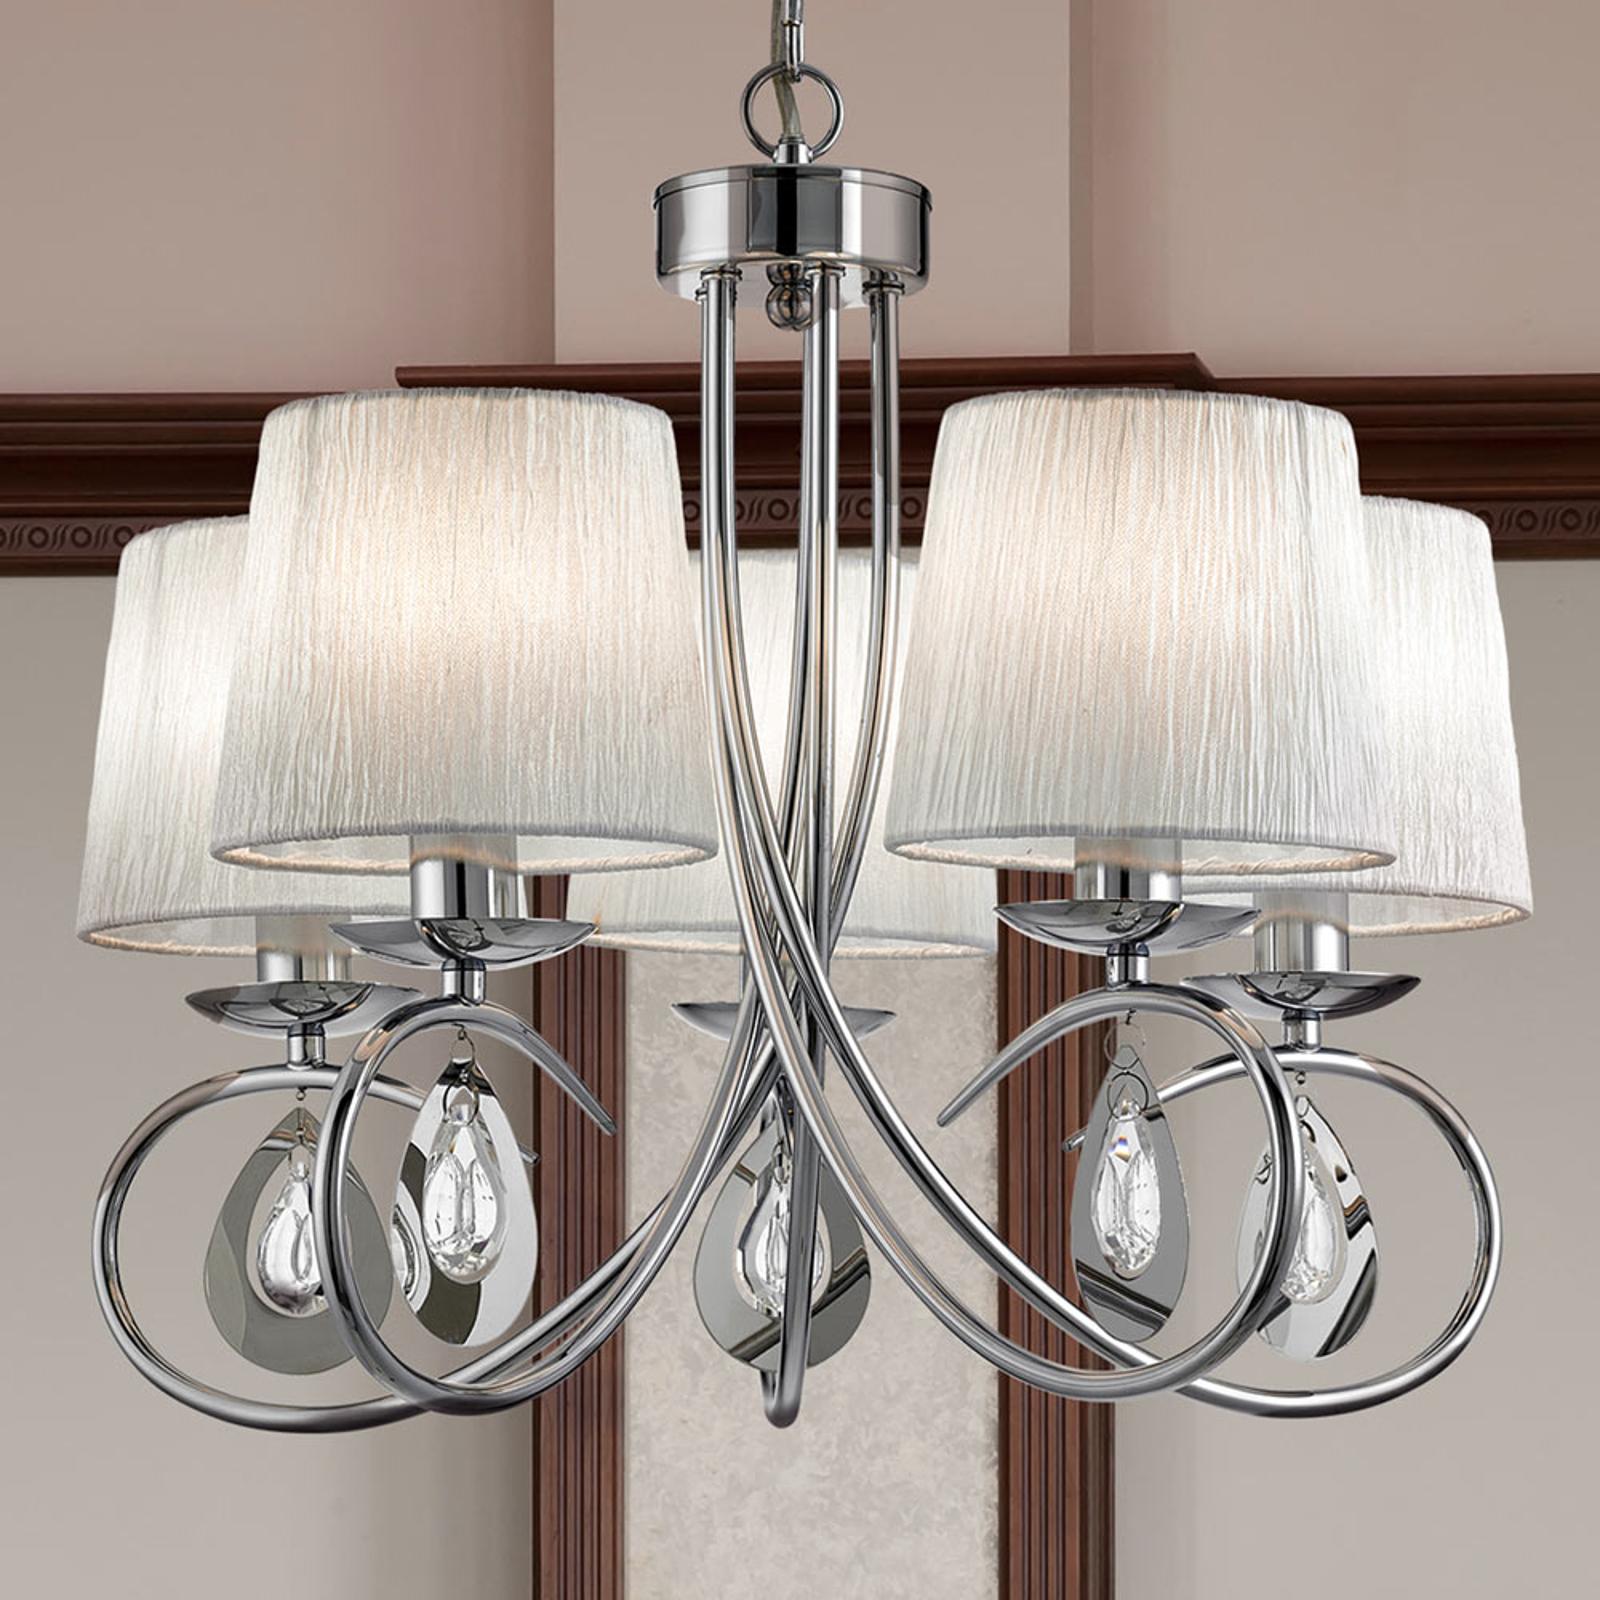 Závěsné světlo Angelique s 5 žárovkami